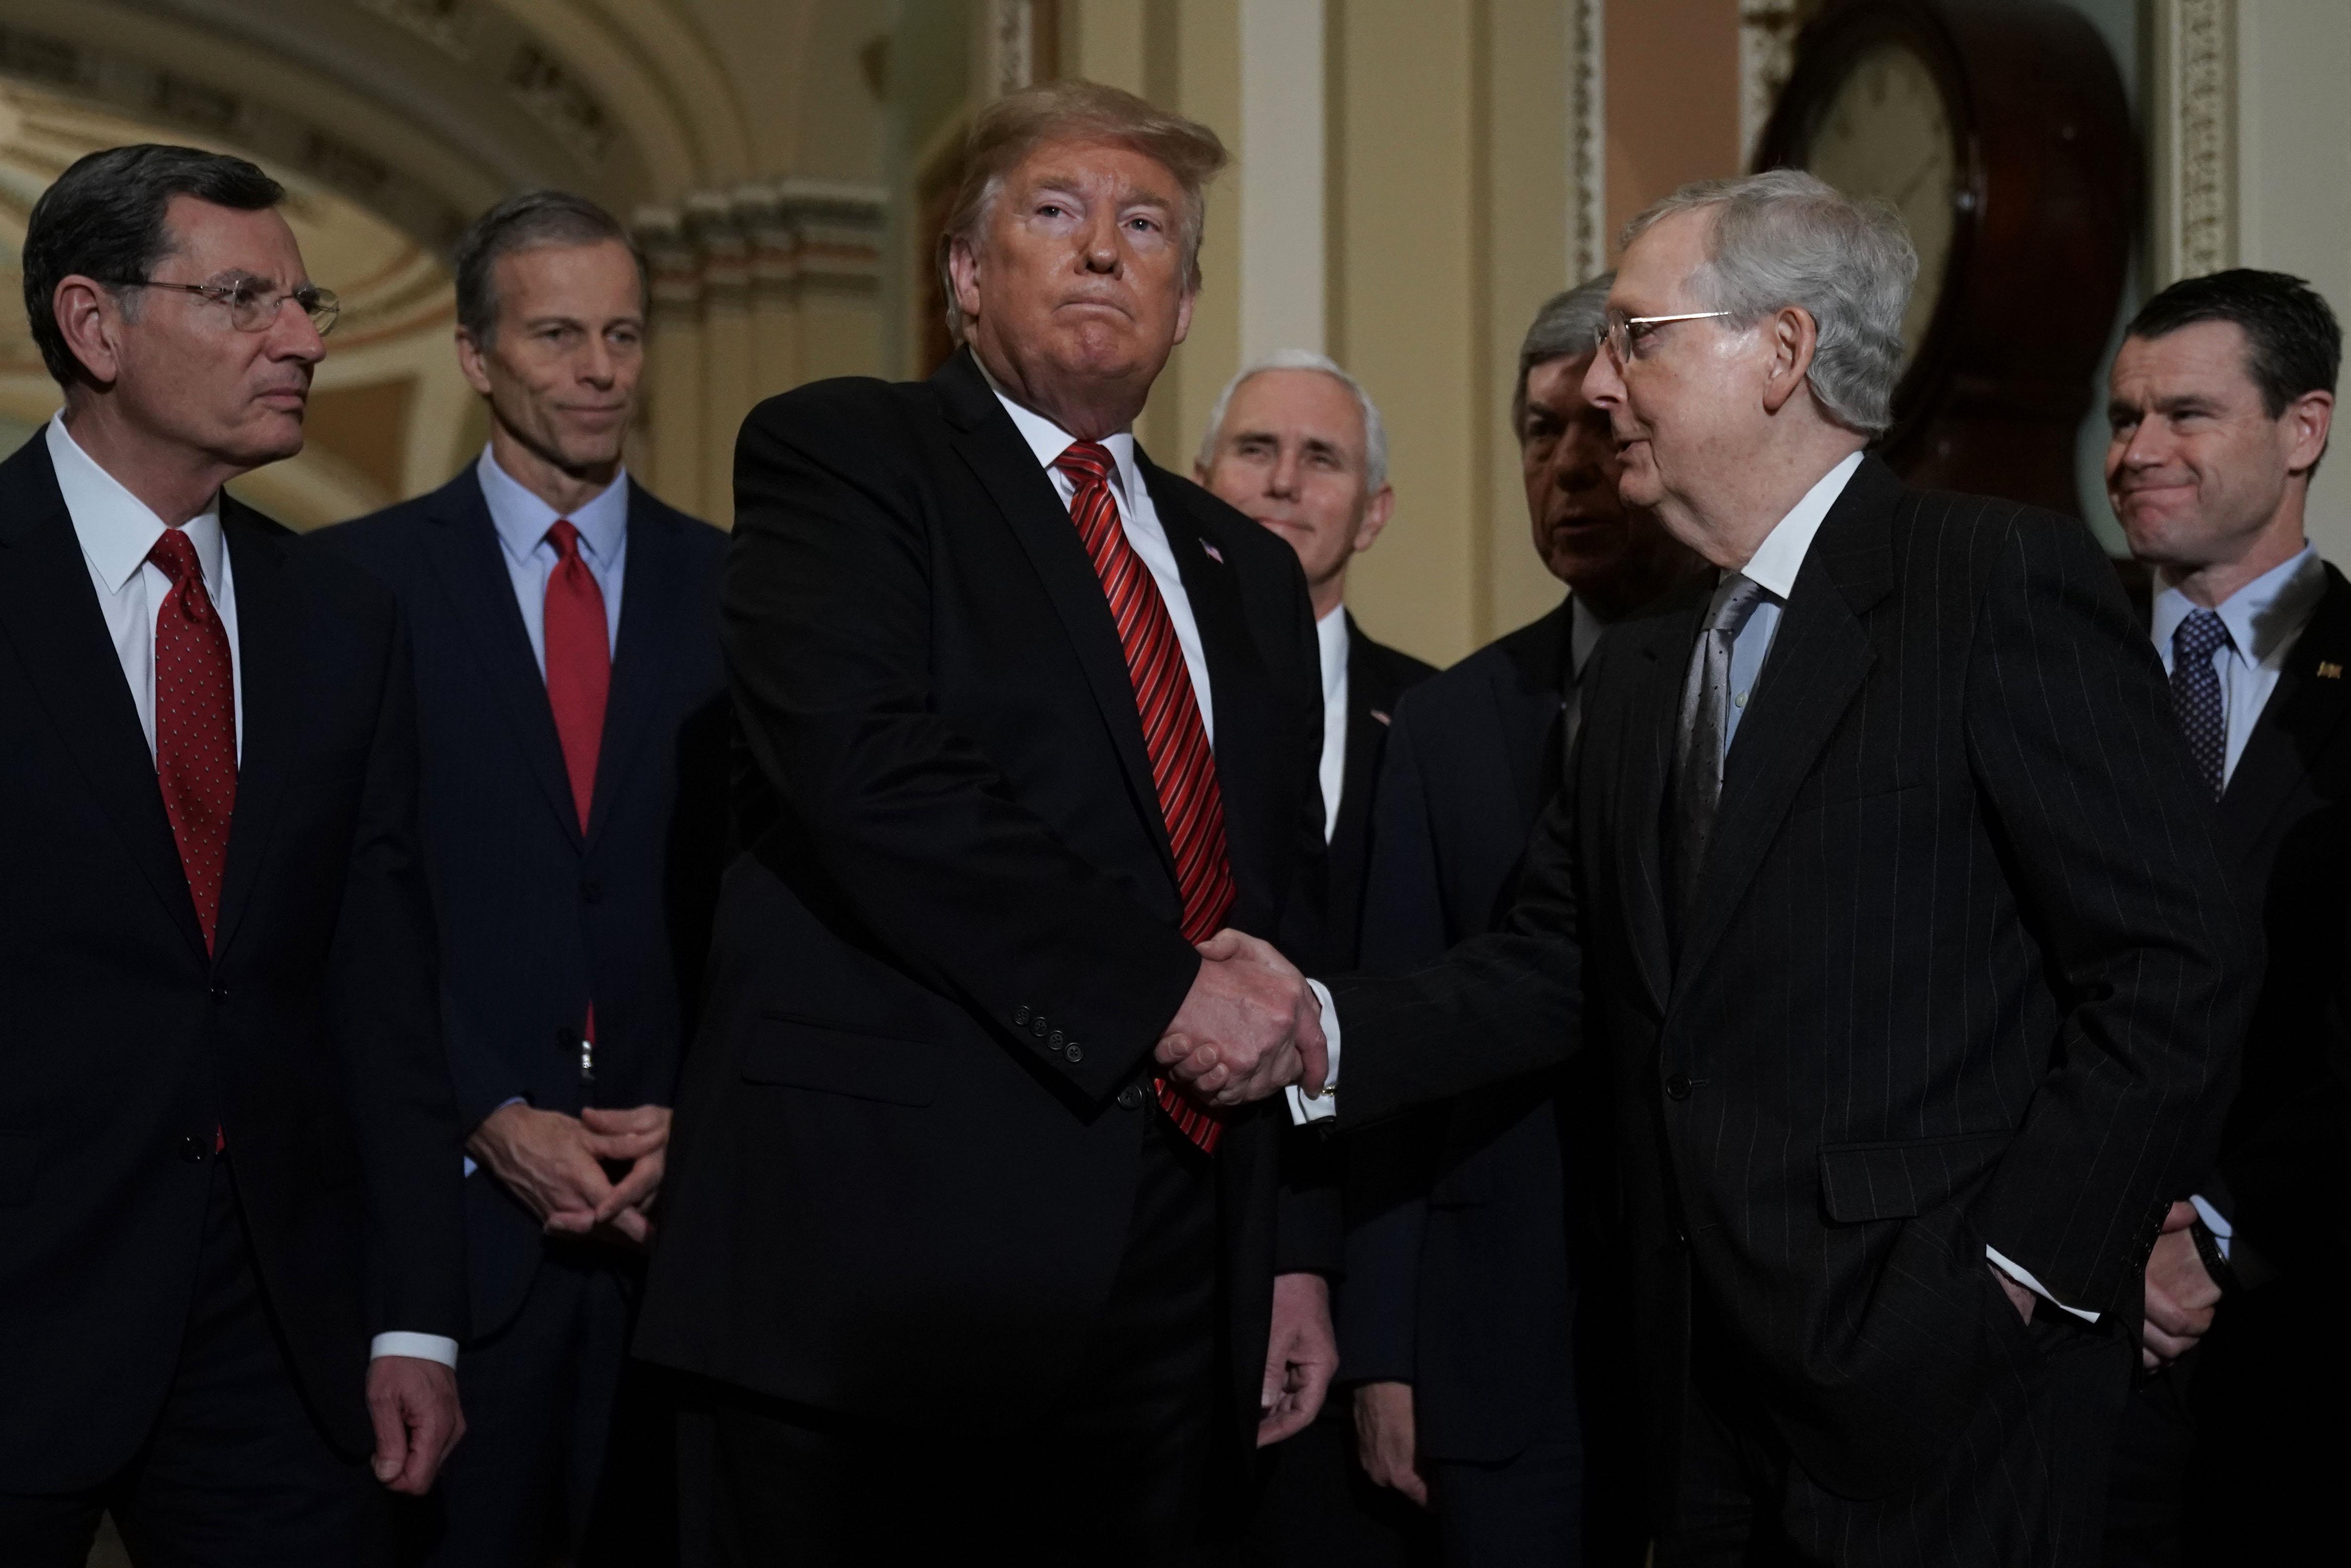 民主黨再拒築牆費 特朗普退出邊境安全會議